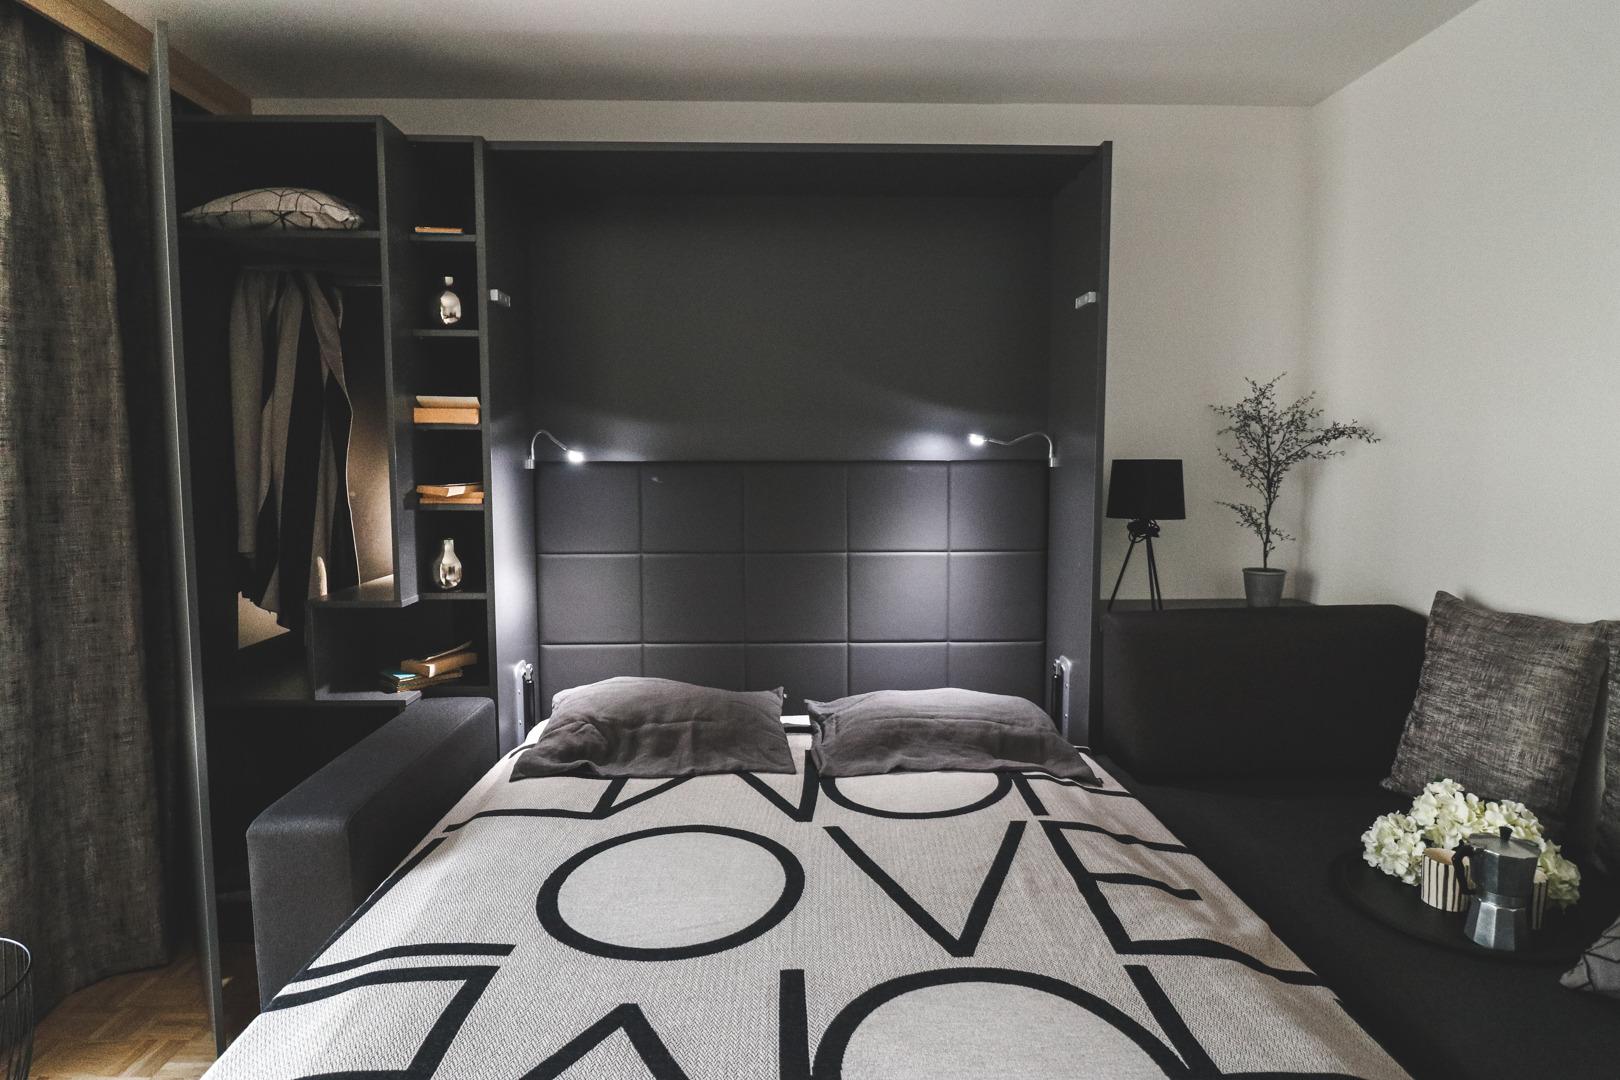 Omarna postelja s sedežno garnituro, kadar potrebujete posteljo.